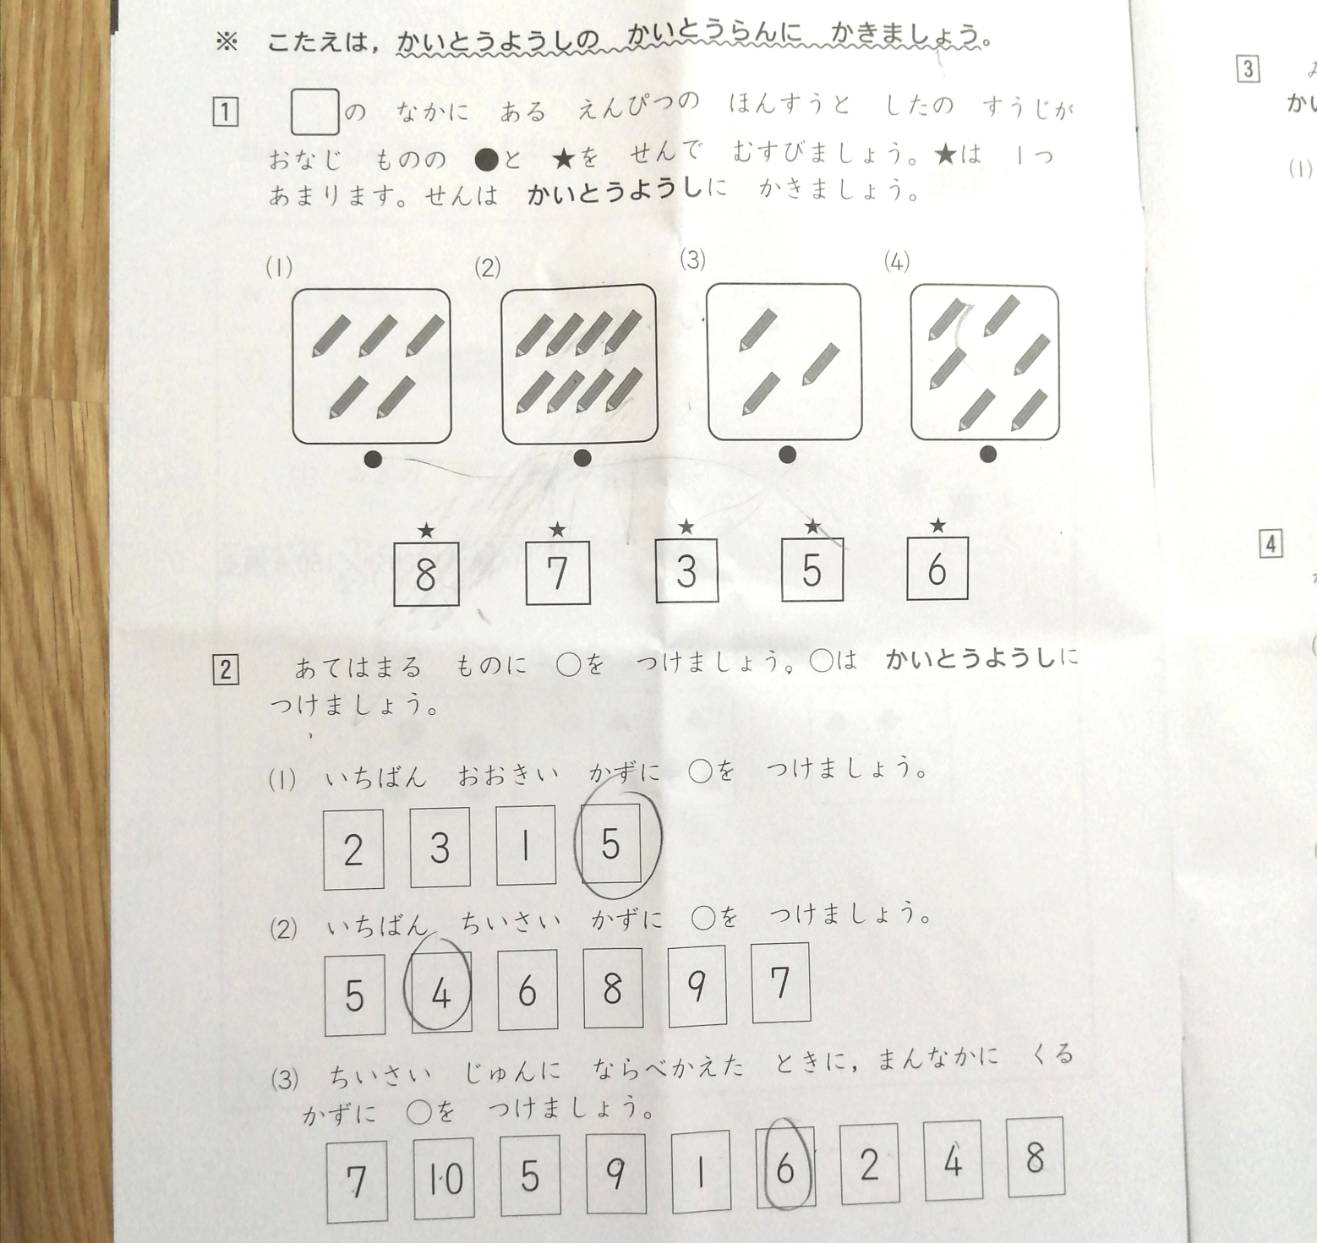 全国統一小学生テスト:小1当日のテスト内容(写真付き)